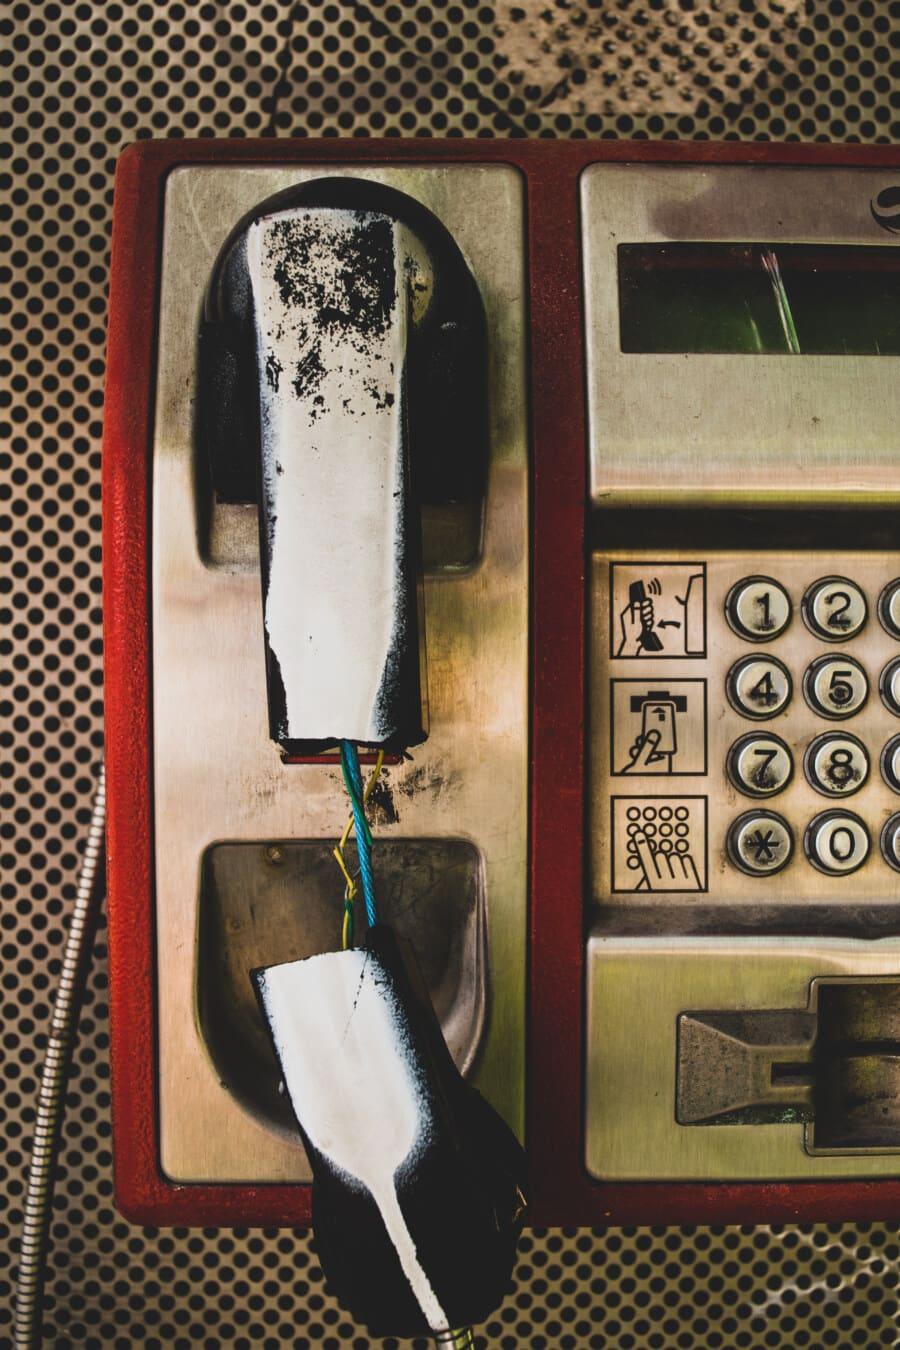 téléphone, ligne téléphonique, sale, carie, vieux, vandalisme, vintage, dommage, nostalgie, classique